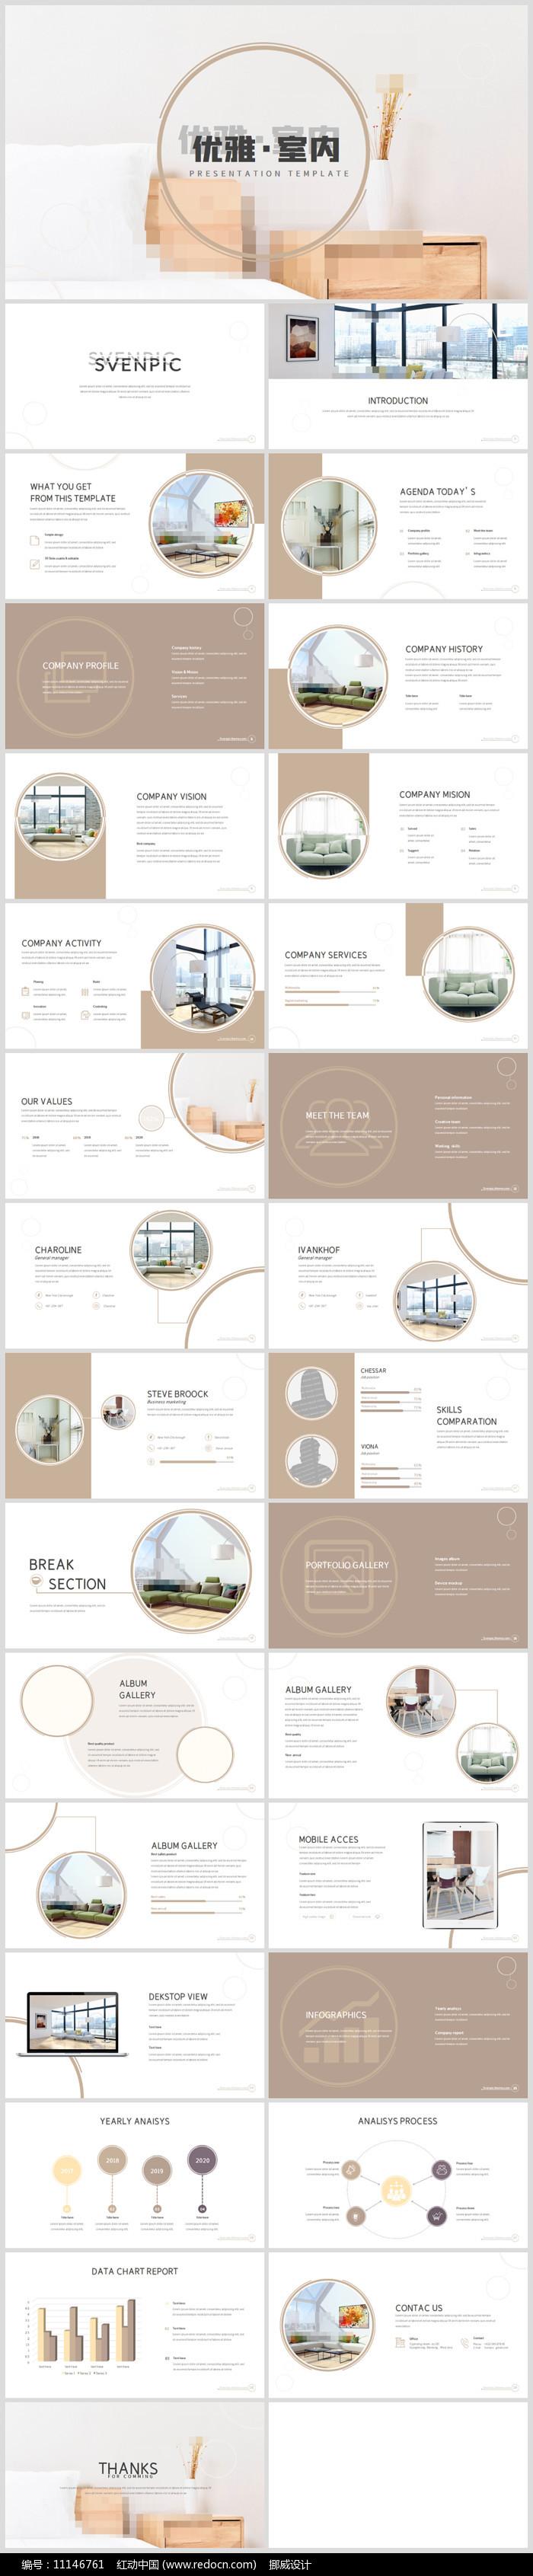 室内设计装修家具工装宣传PPT模板图片